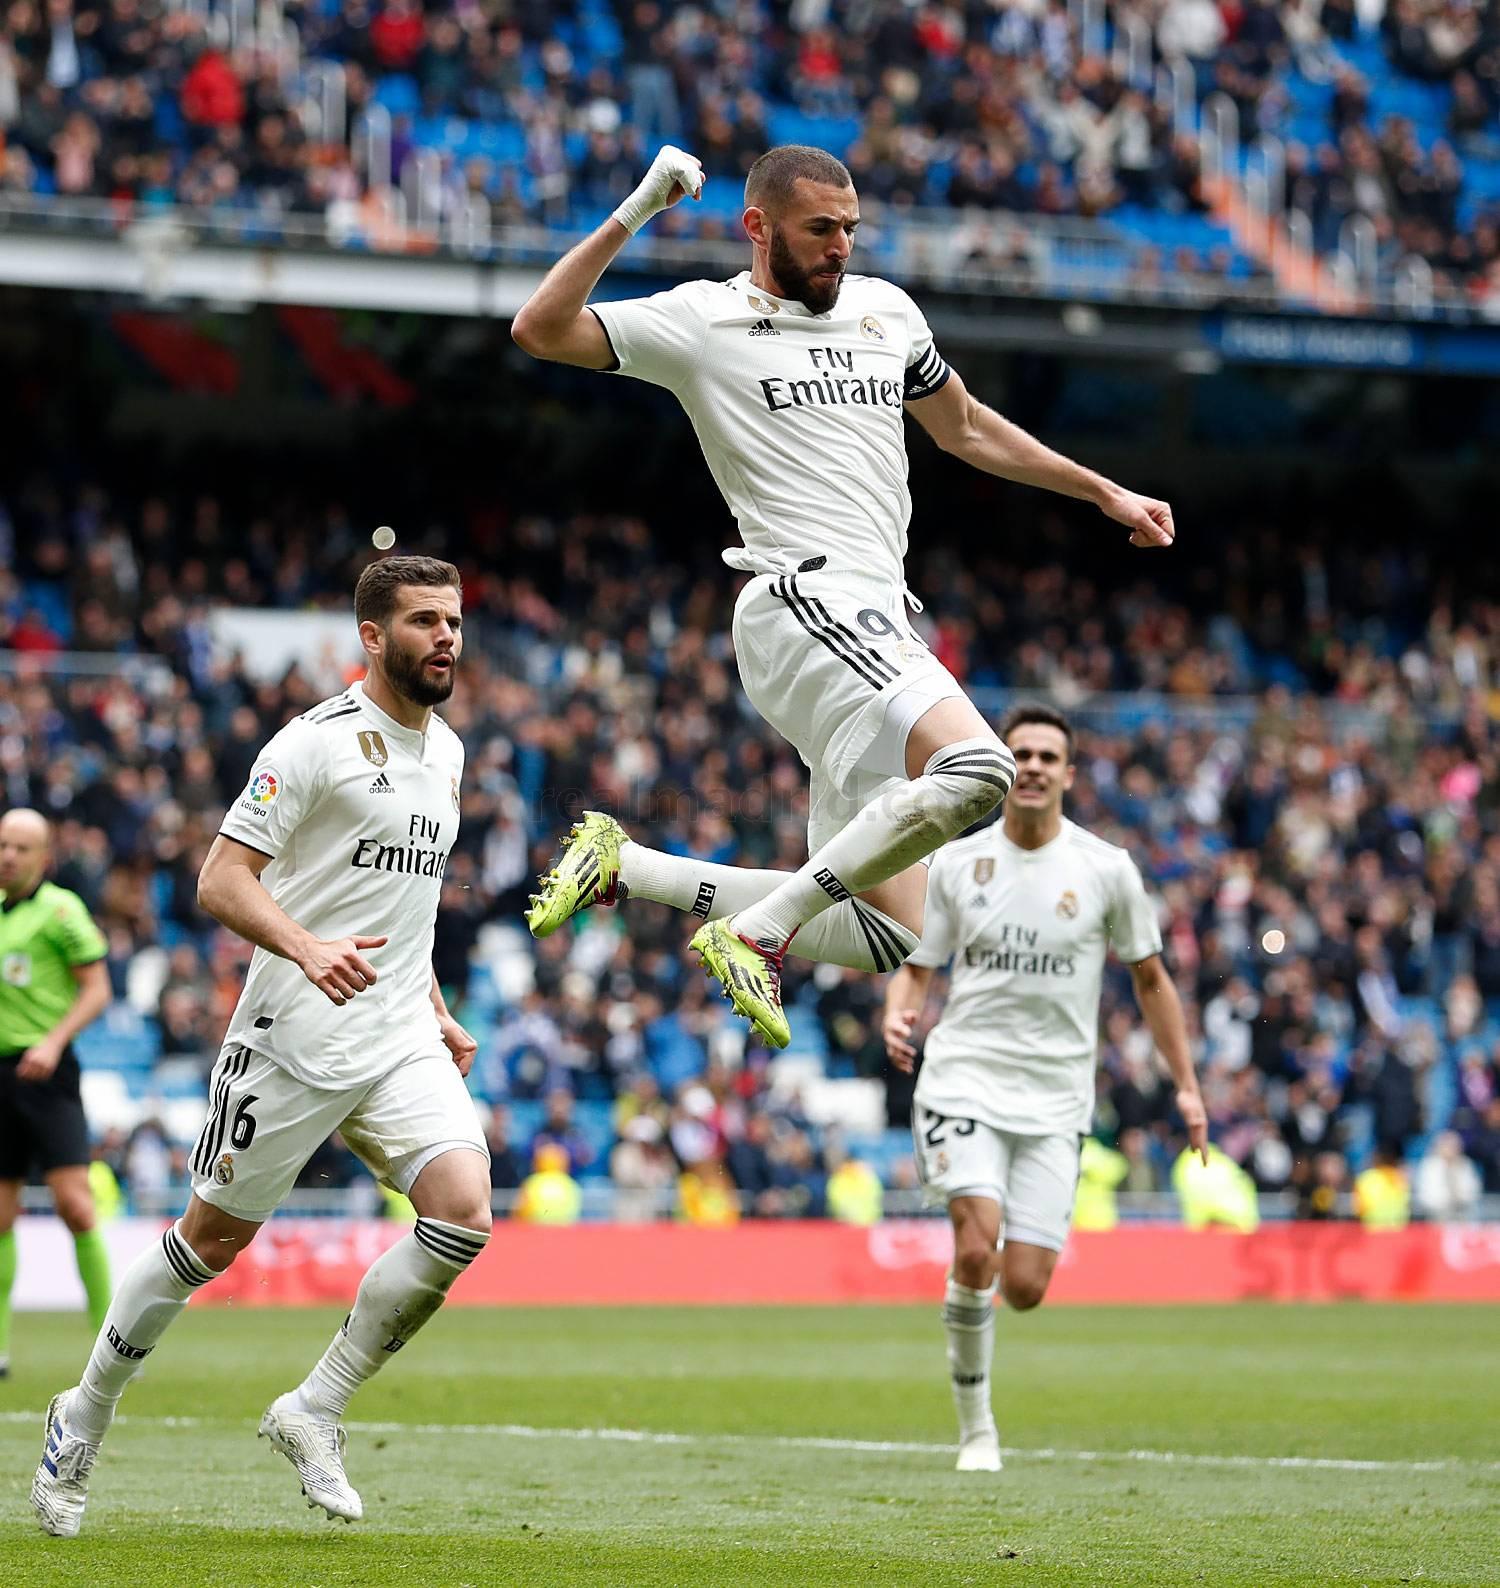 تعرف على التشكيل المتوقع لنادي ريال مدريد أمام إيبار في الدوري الإسباني